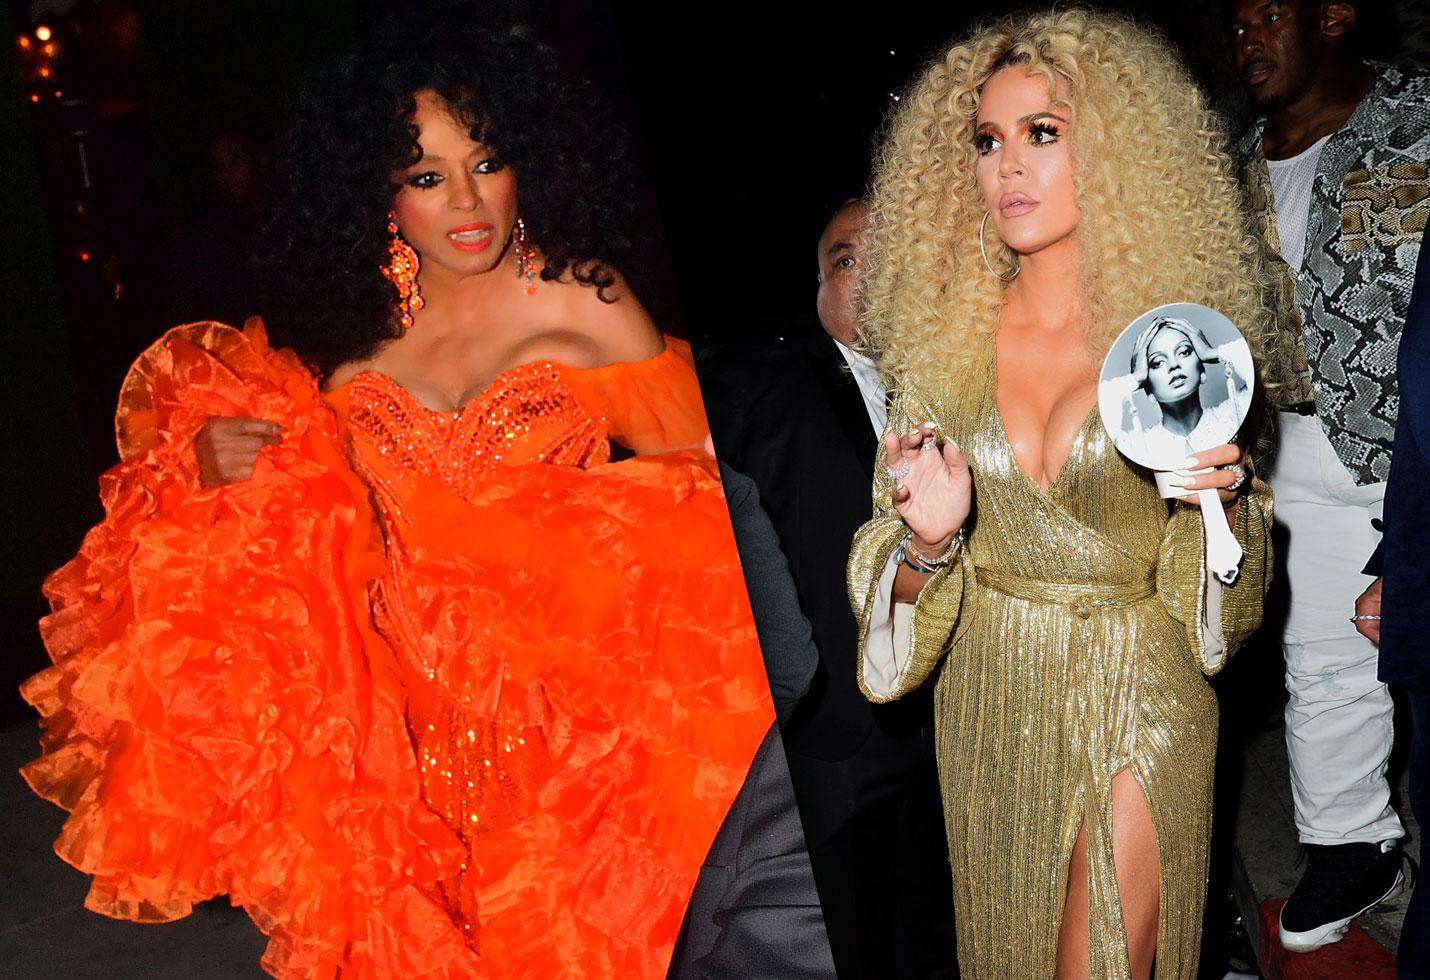 Diana ross birthday party photos beyonce khloe kardashian wig kourtney